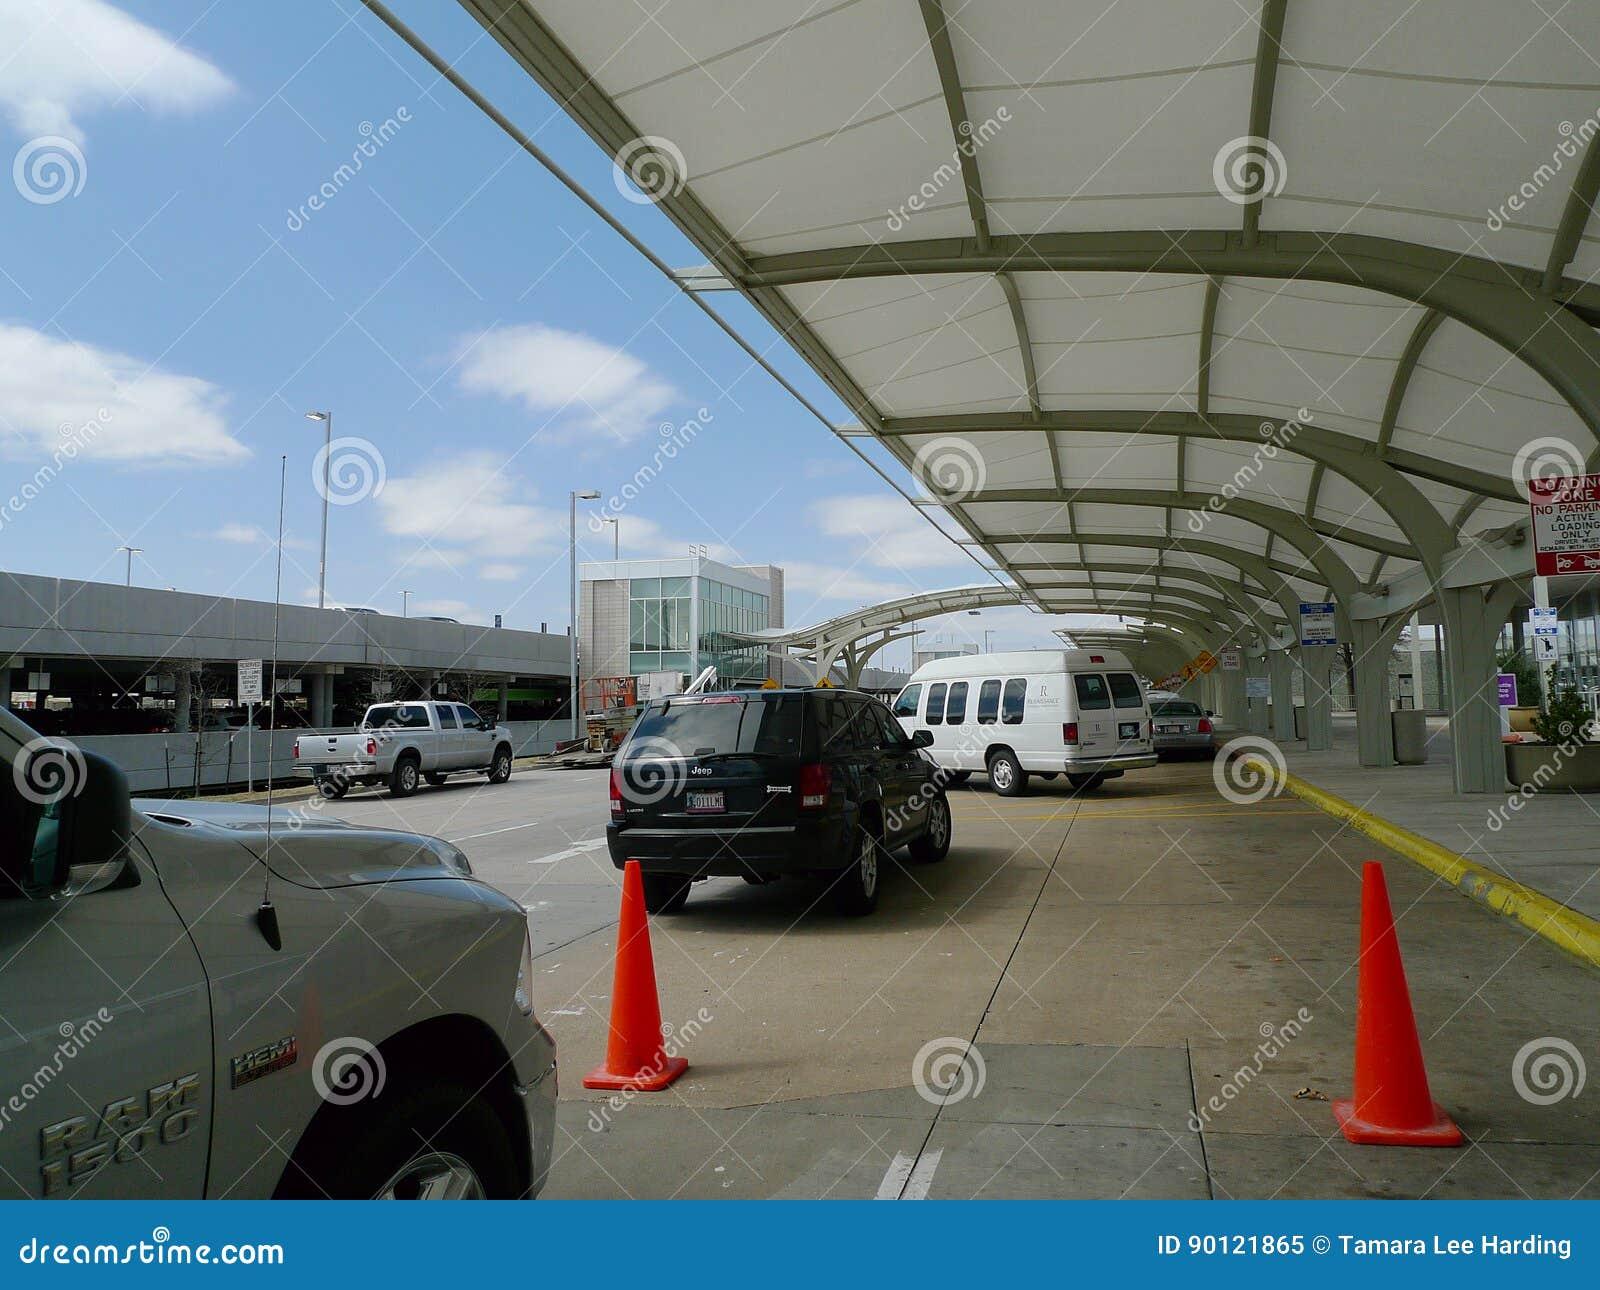 El d3ia exterior del aeropuerto internacional de Tulsa, vehículos adentro cae apagado el carril